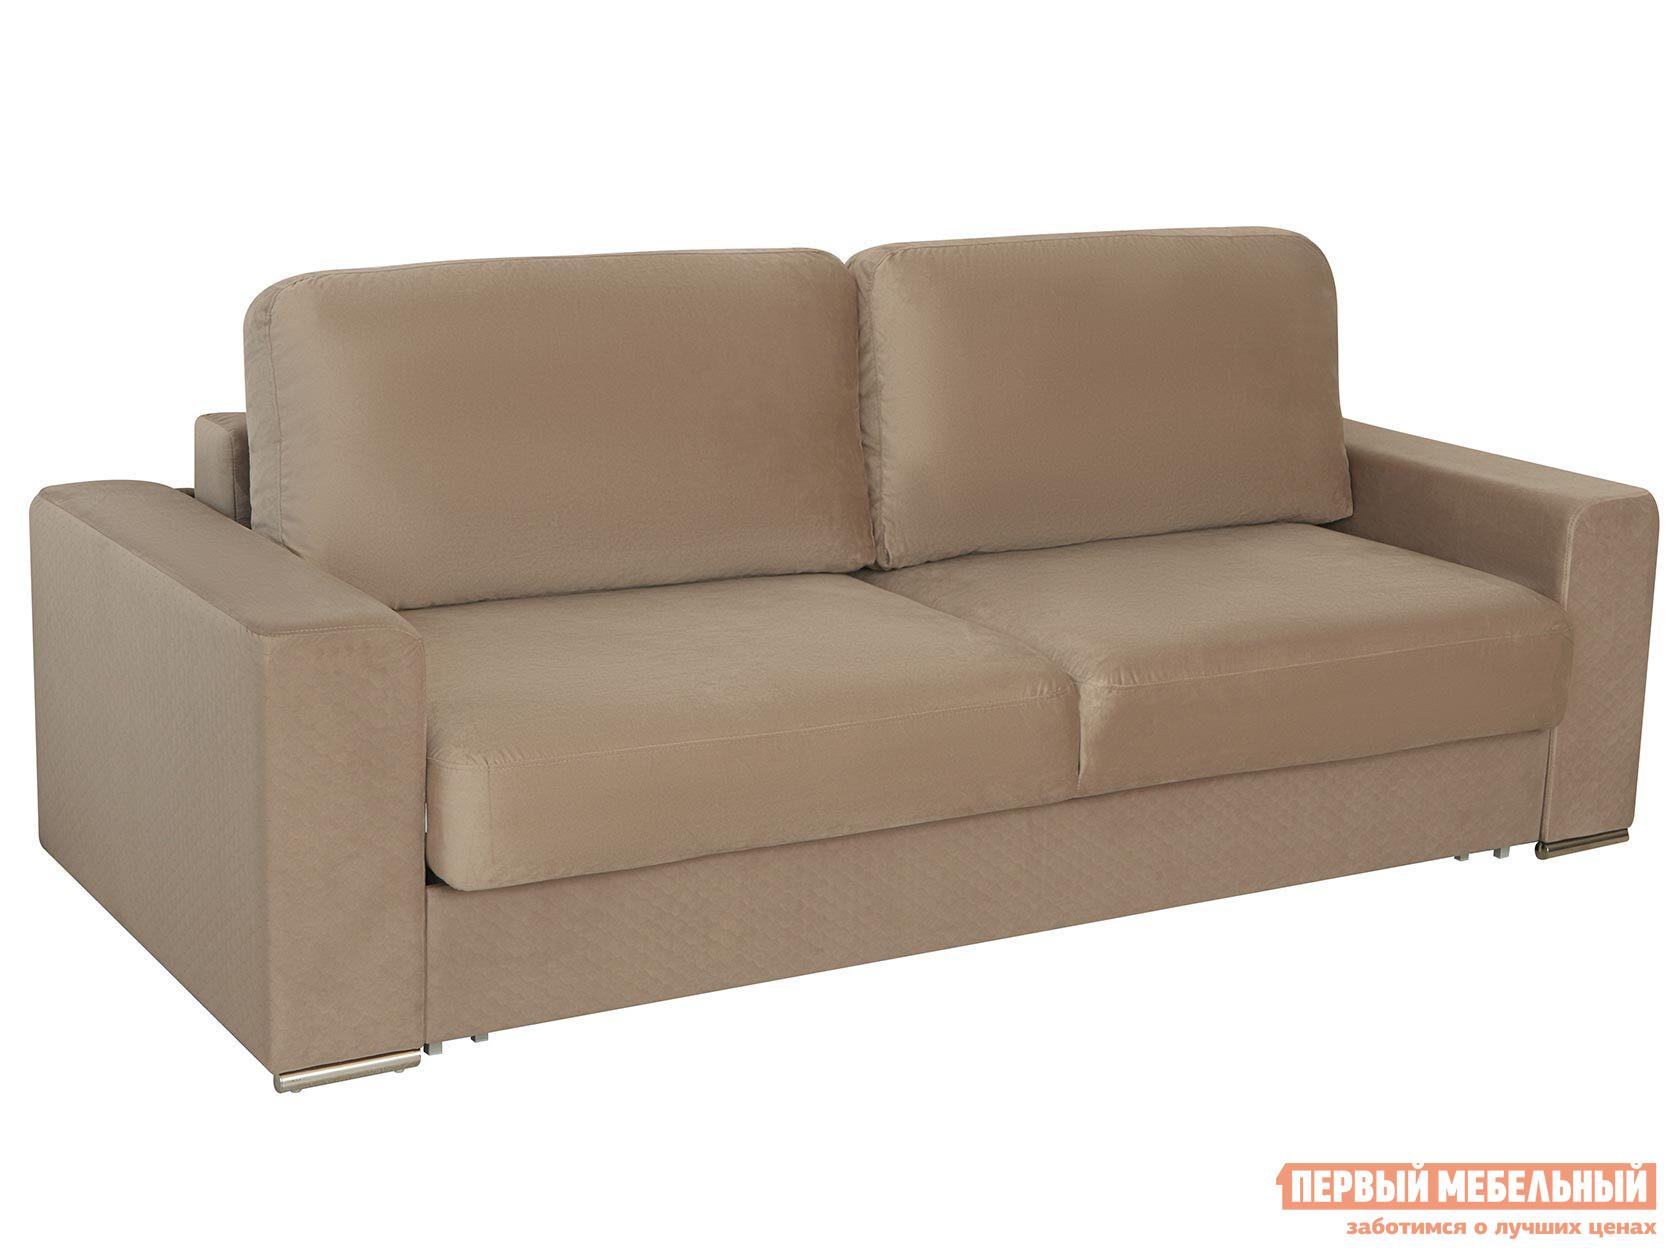 Прямой диван Первый Мебельный Прямой диван Ланкастер диван ланкастер mebelvia